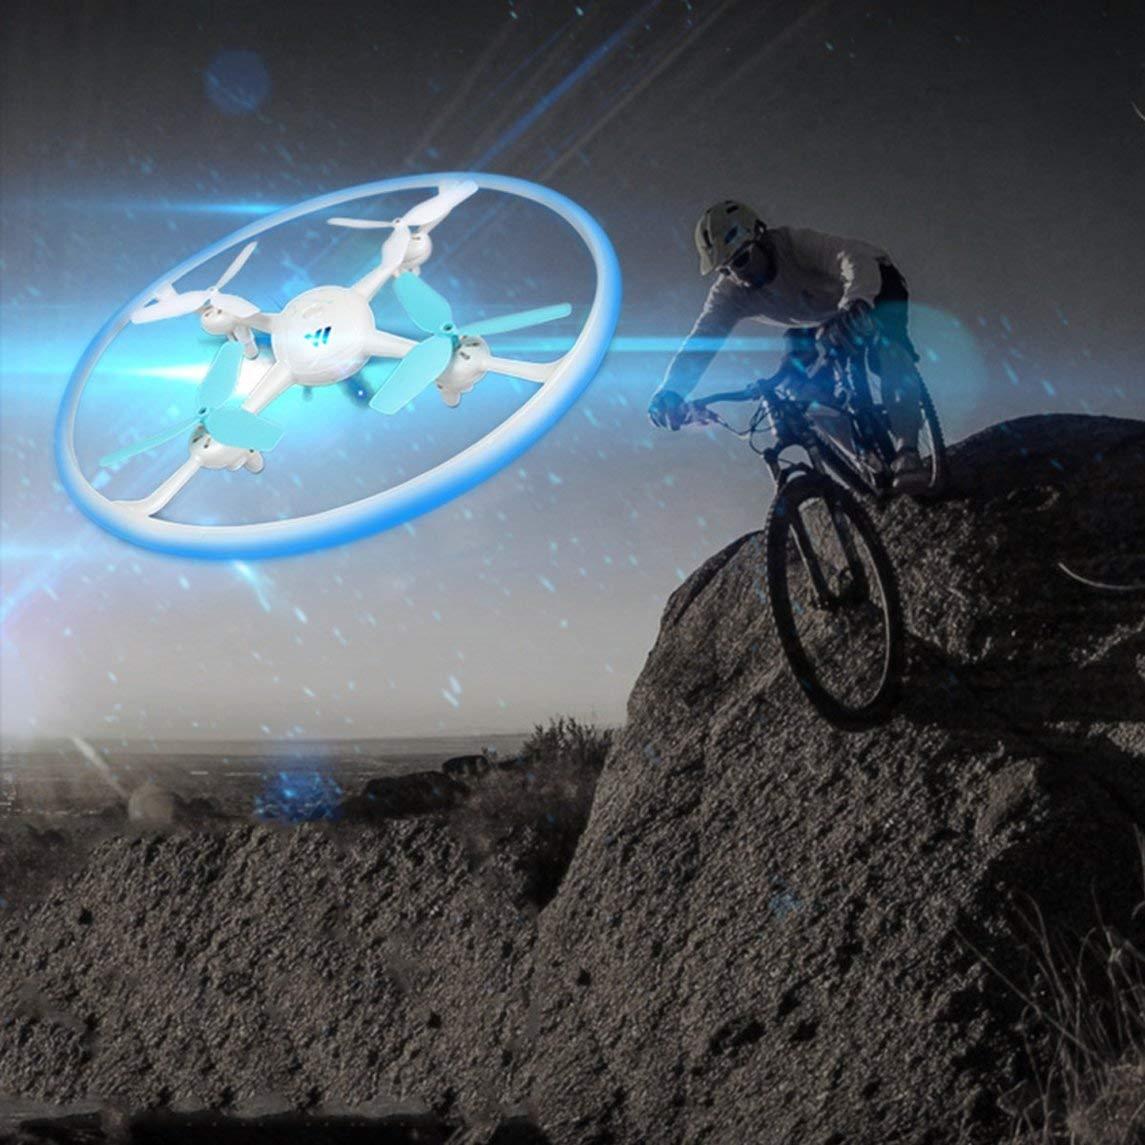 Footprintse Yade W3 Beleuchtung Vier-Achsen-UAV setzen hohen Standard ohne Kamera-Farbe:Blau